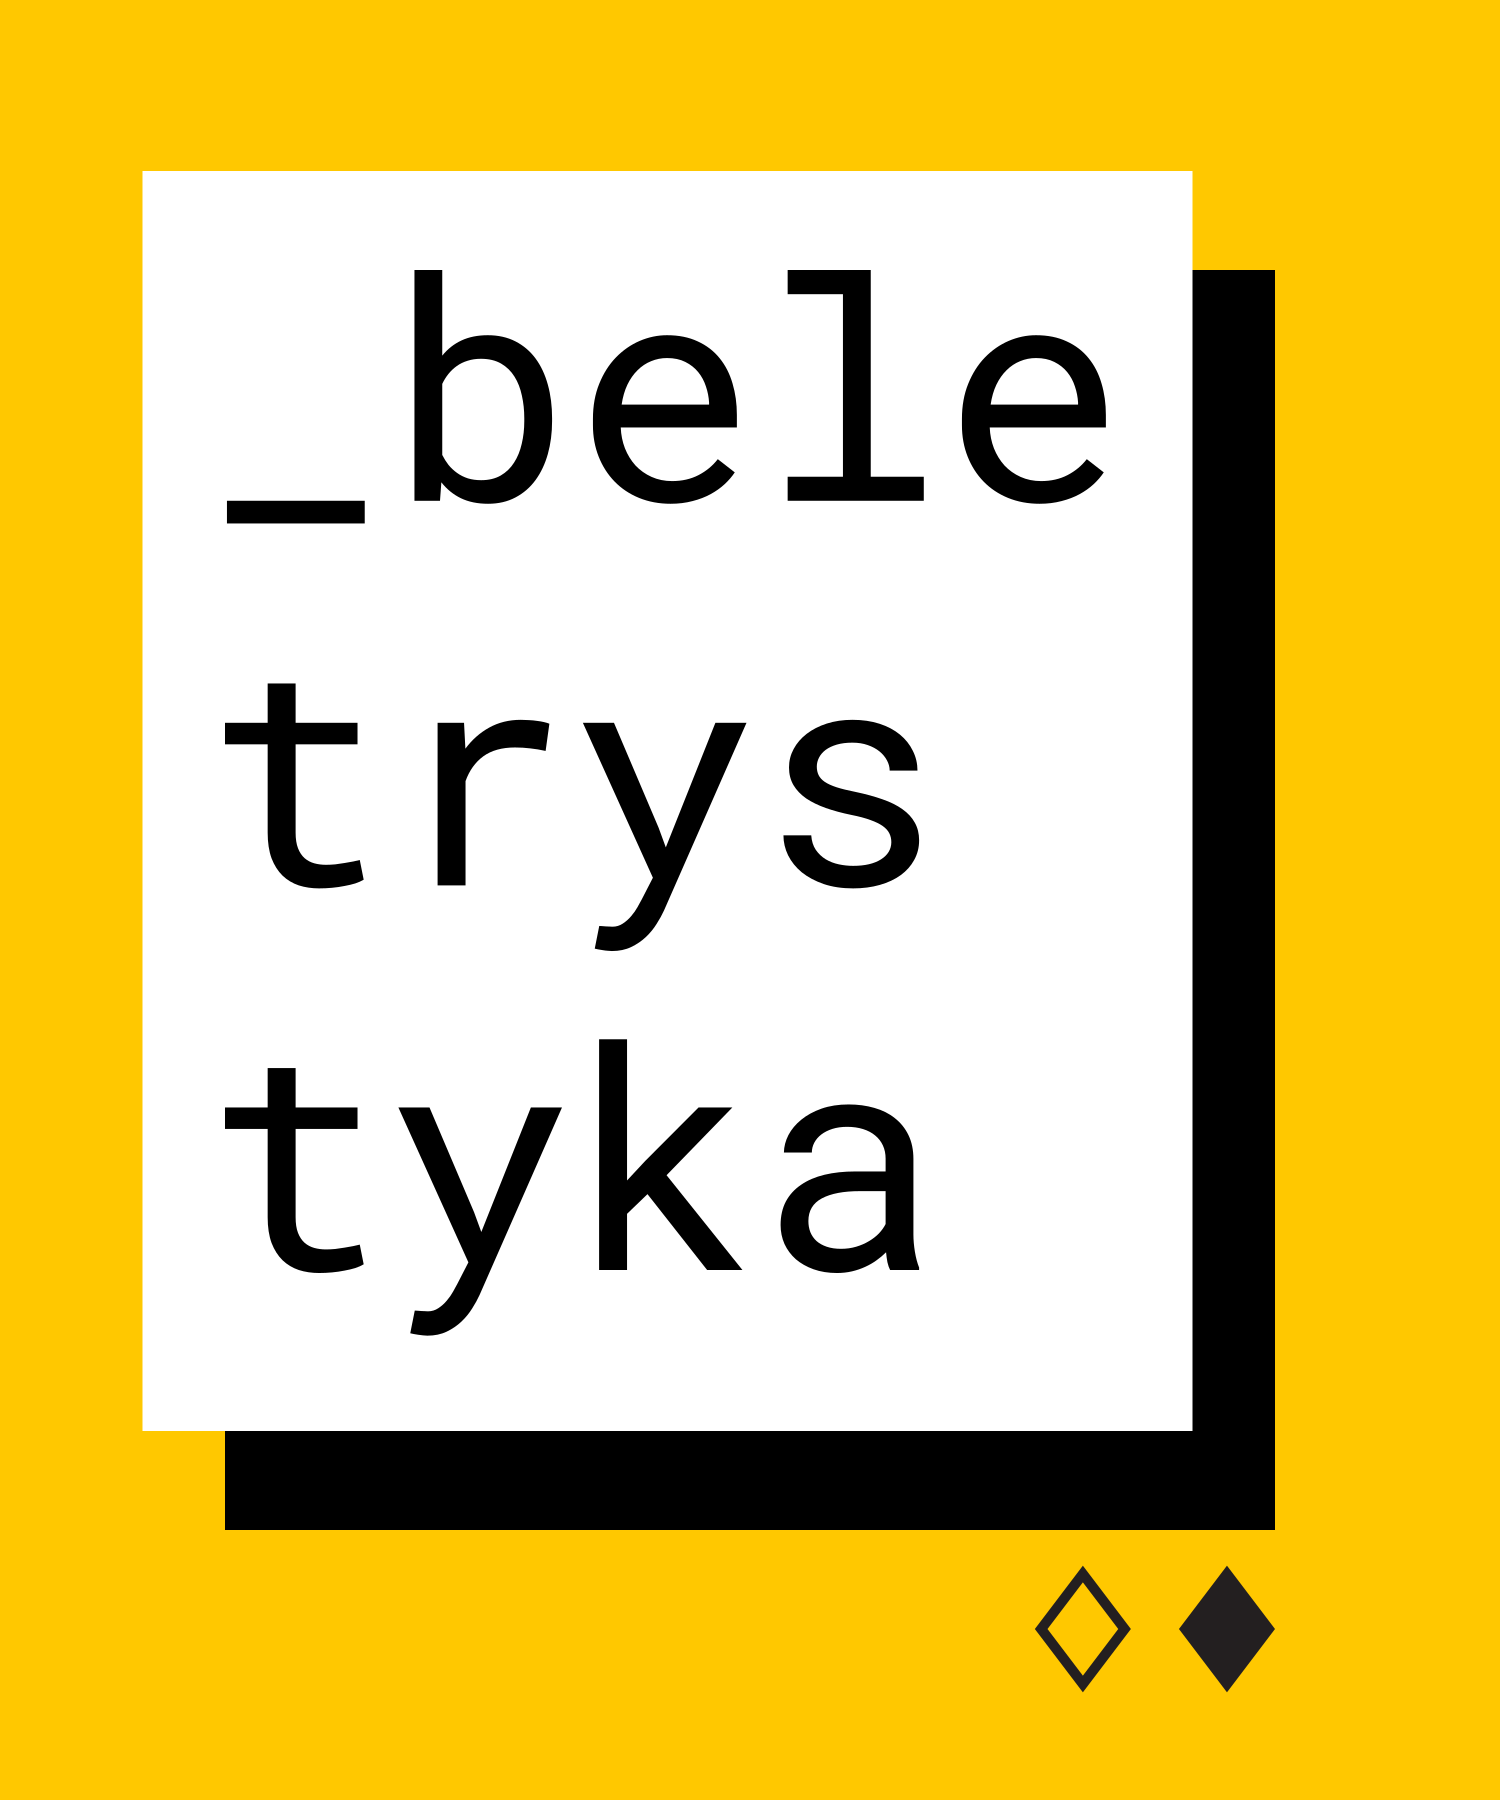 Beletrystyka